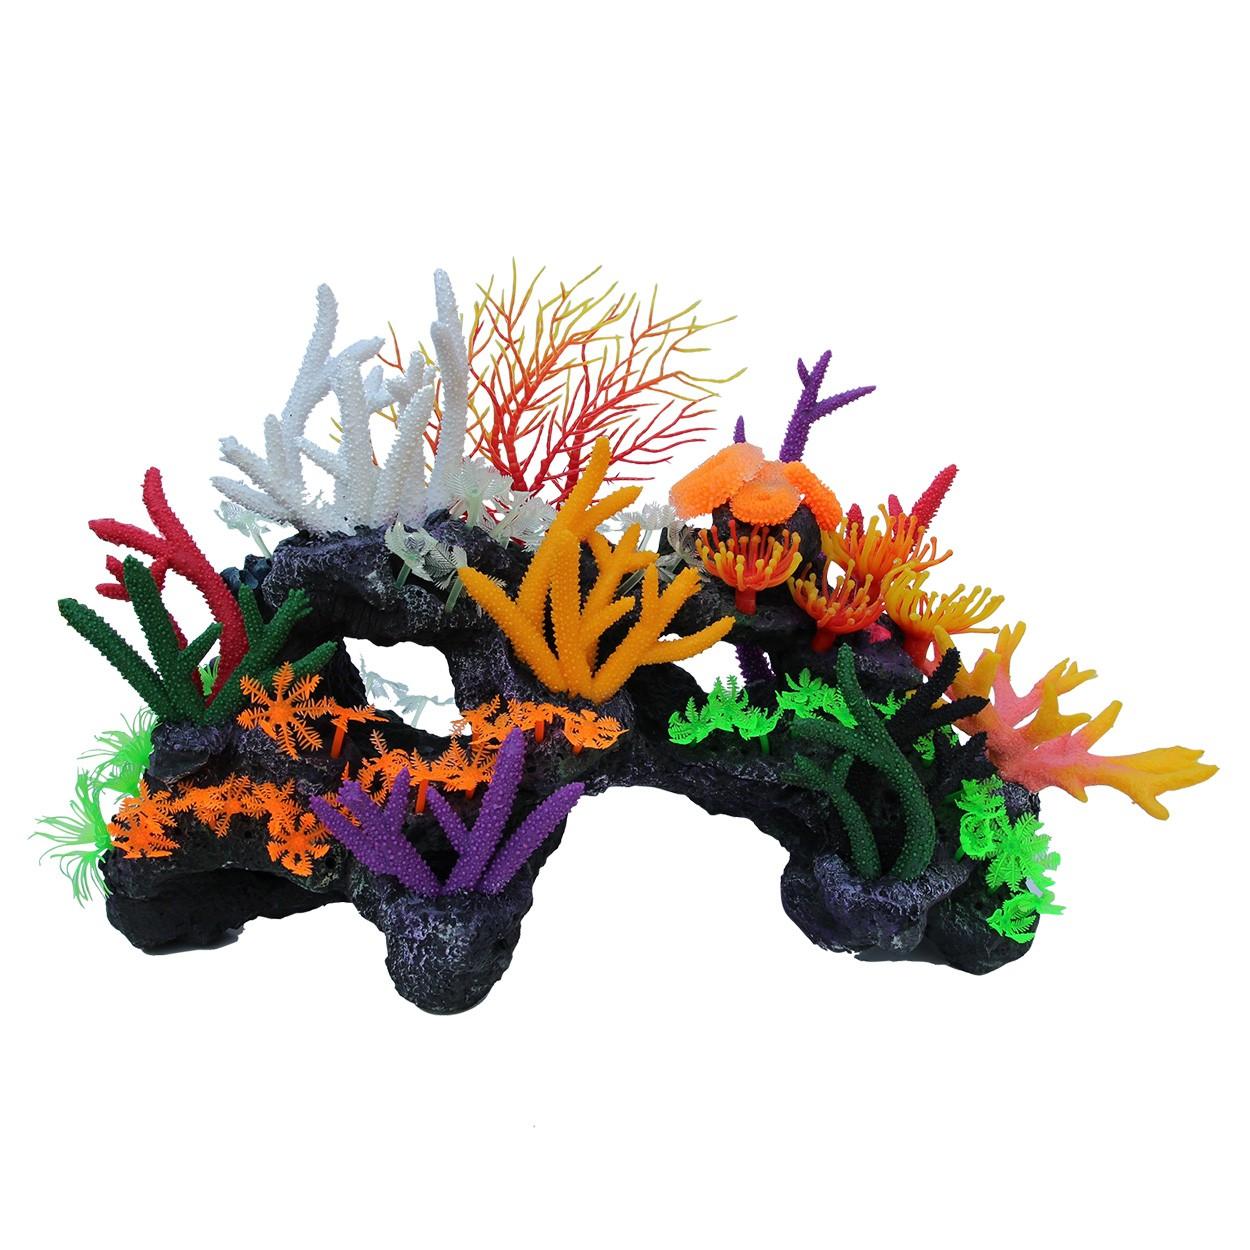 Underwater Treasures Coral Reef Paradise